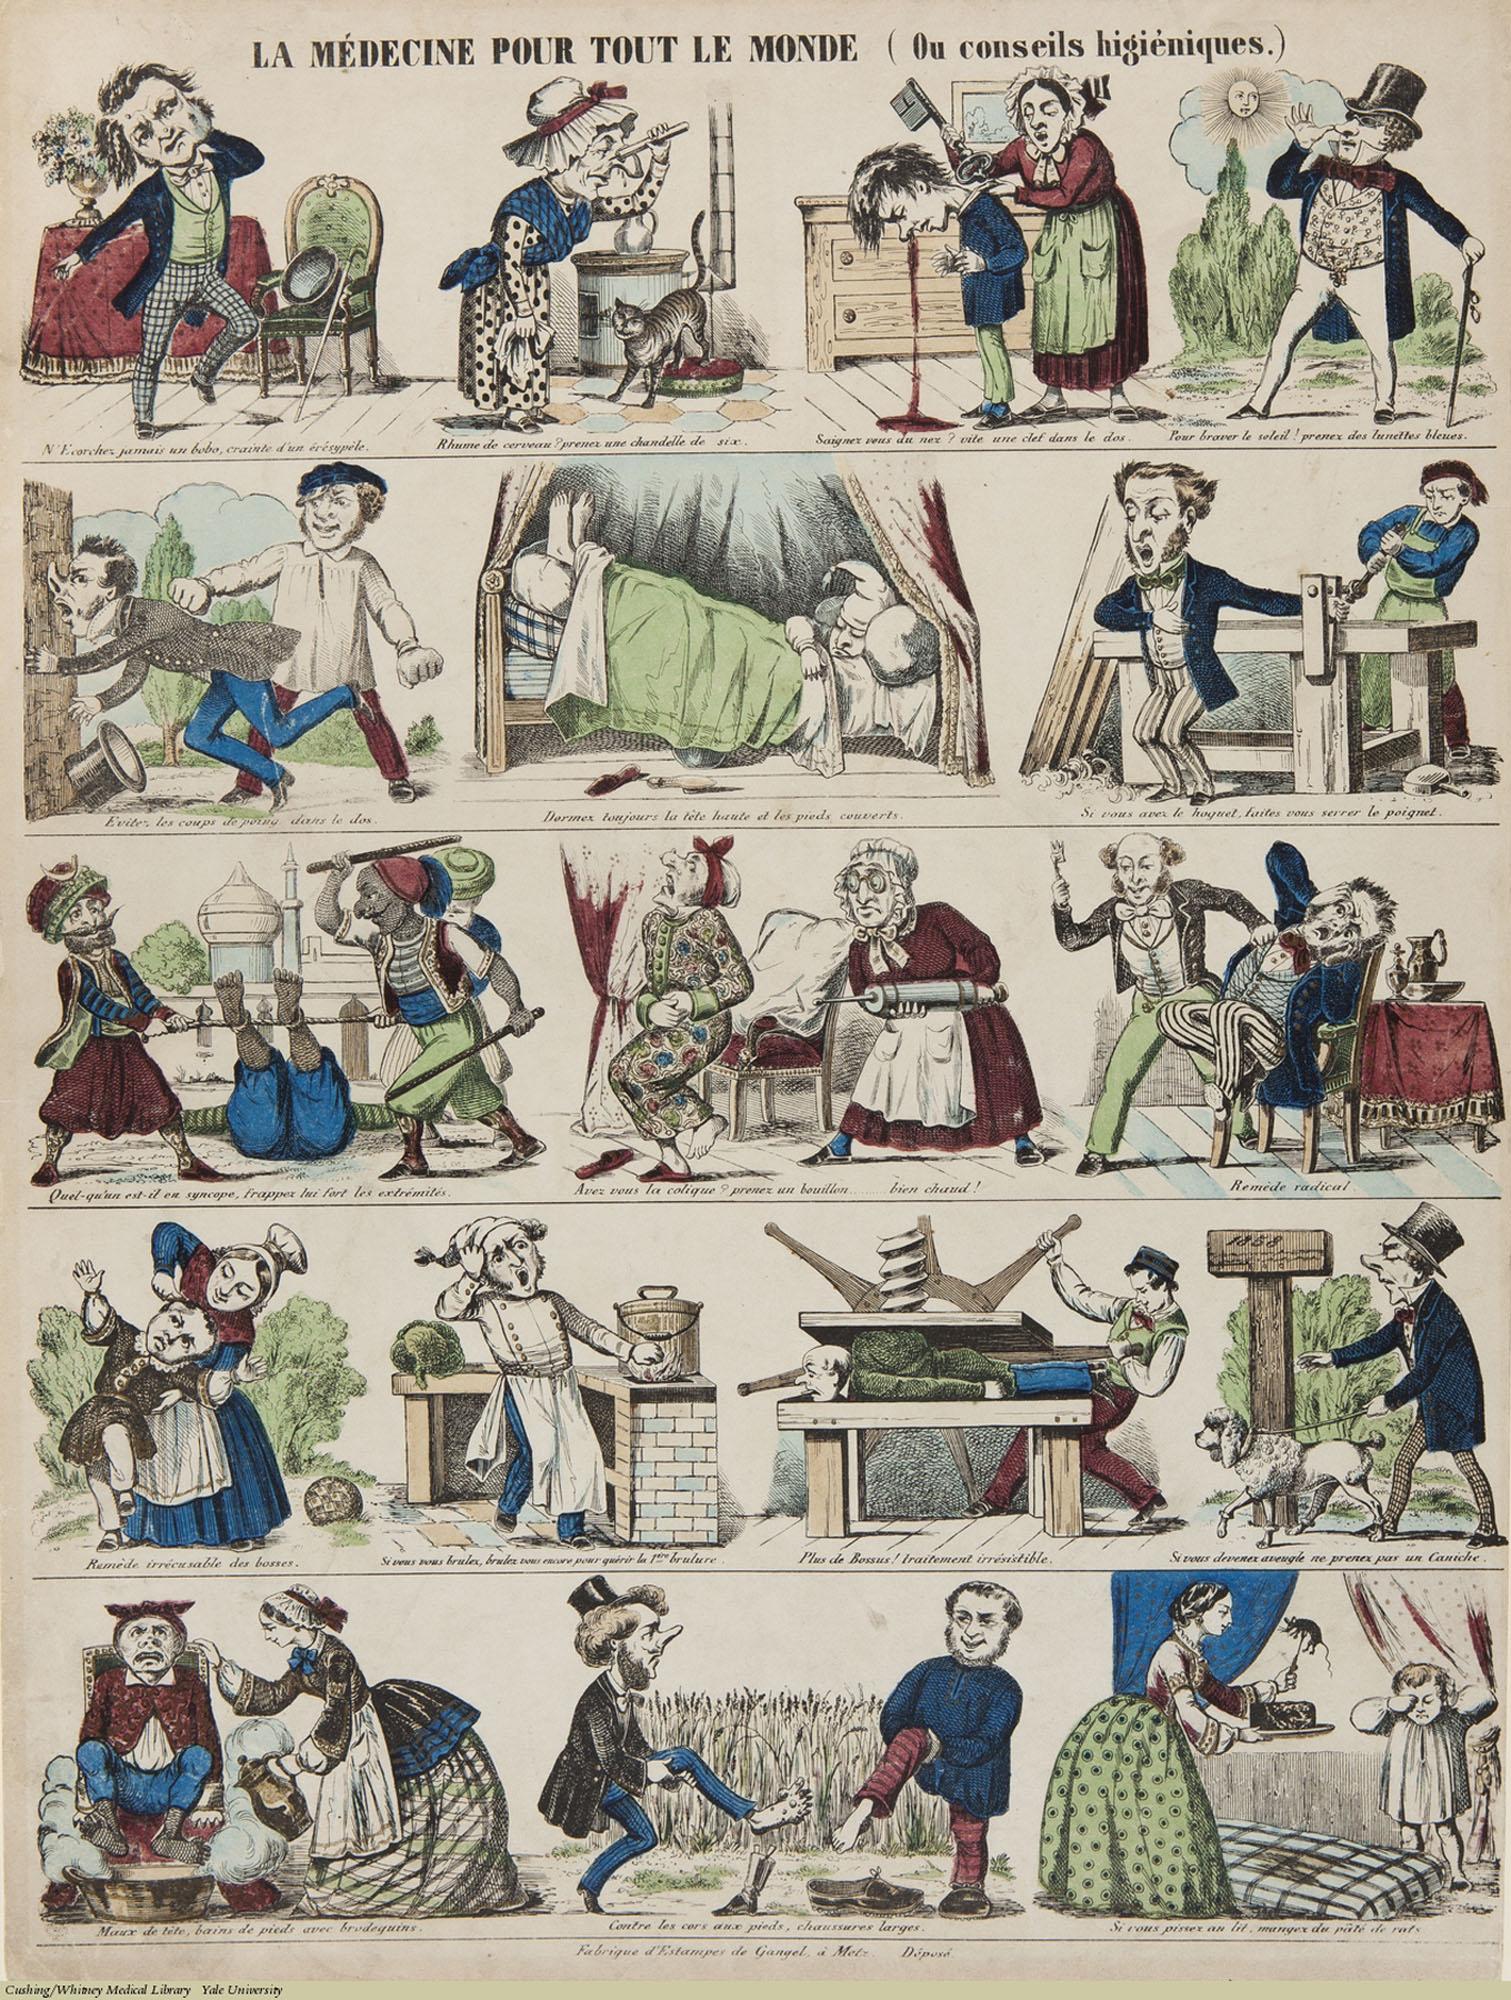 La Medecine pour tout le Monde (Ou conseils higieniques.) Anonymous, 19th Century. Subject: Medicine for Everyone, Hygiene.